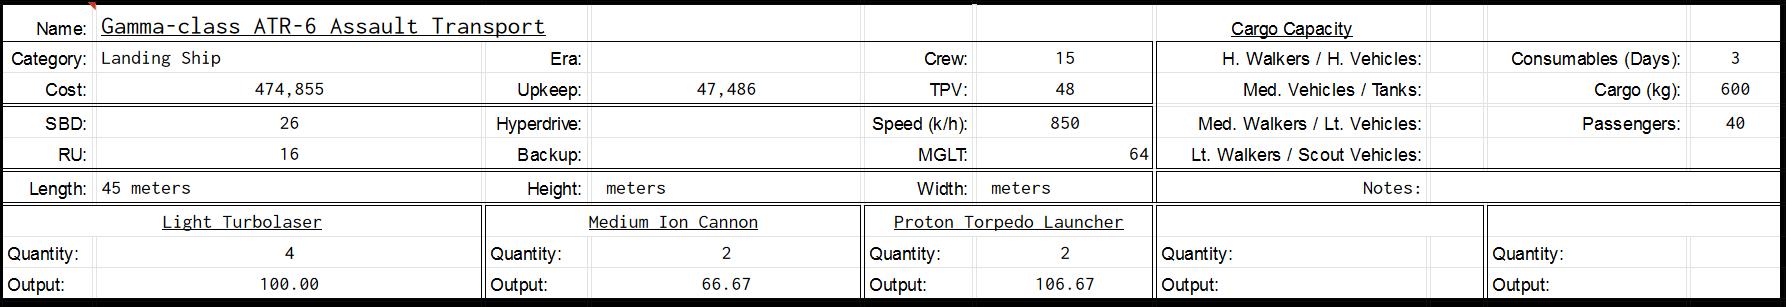 [Image: Gamma-class_ATR-6.png]